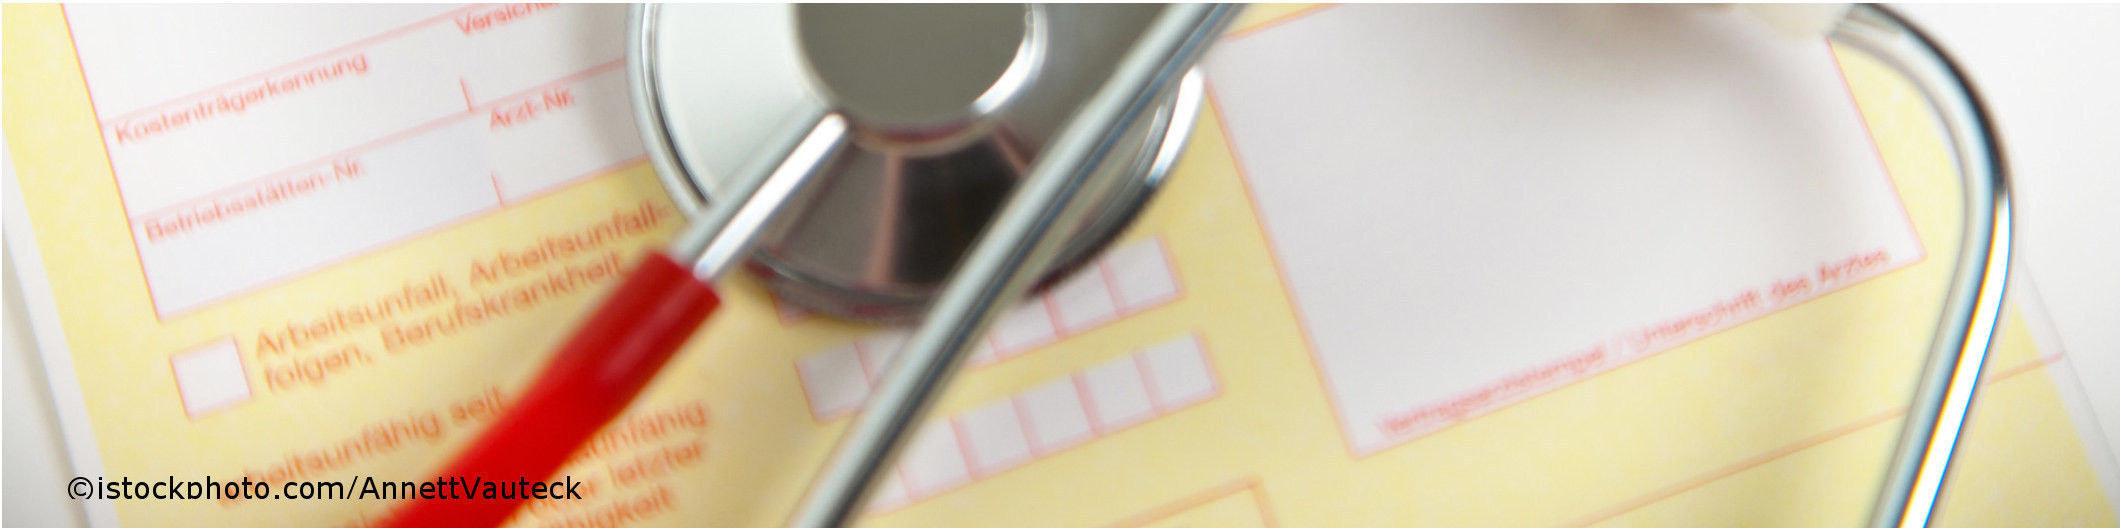 Im ICD-10 Diagnoseschlüssel steht B17 für sonstige akute Virushepatitis